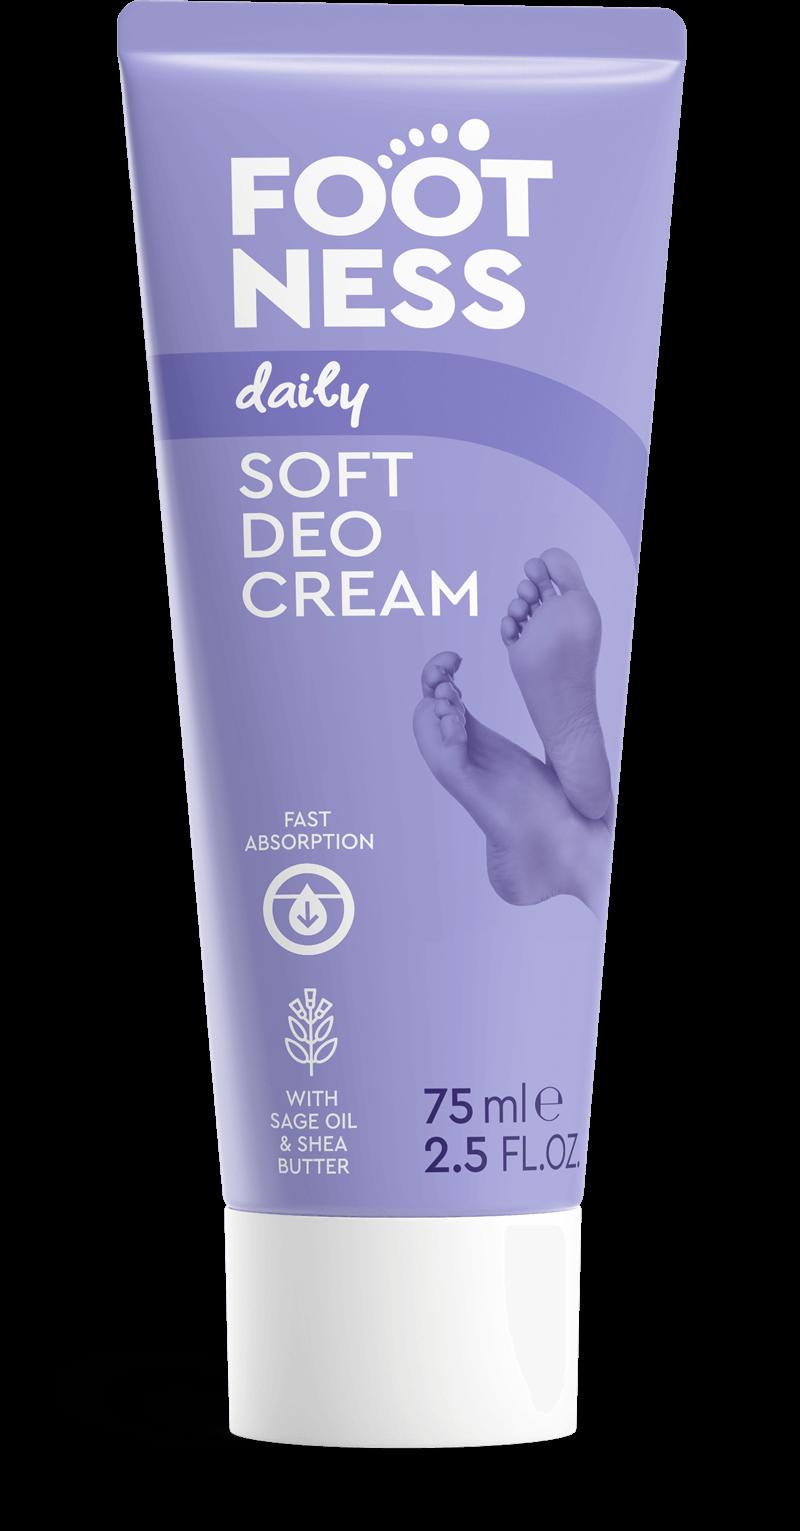 Soft Deo Cream